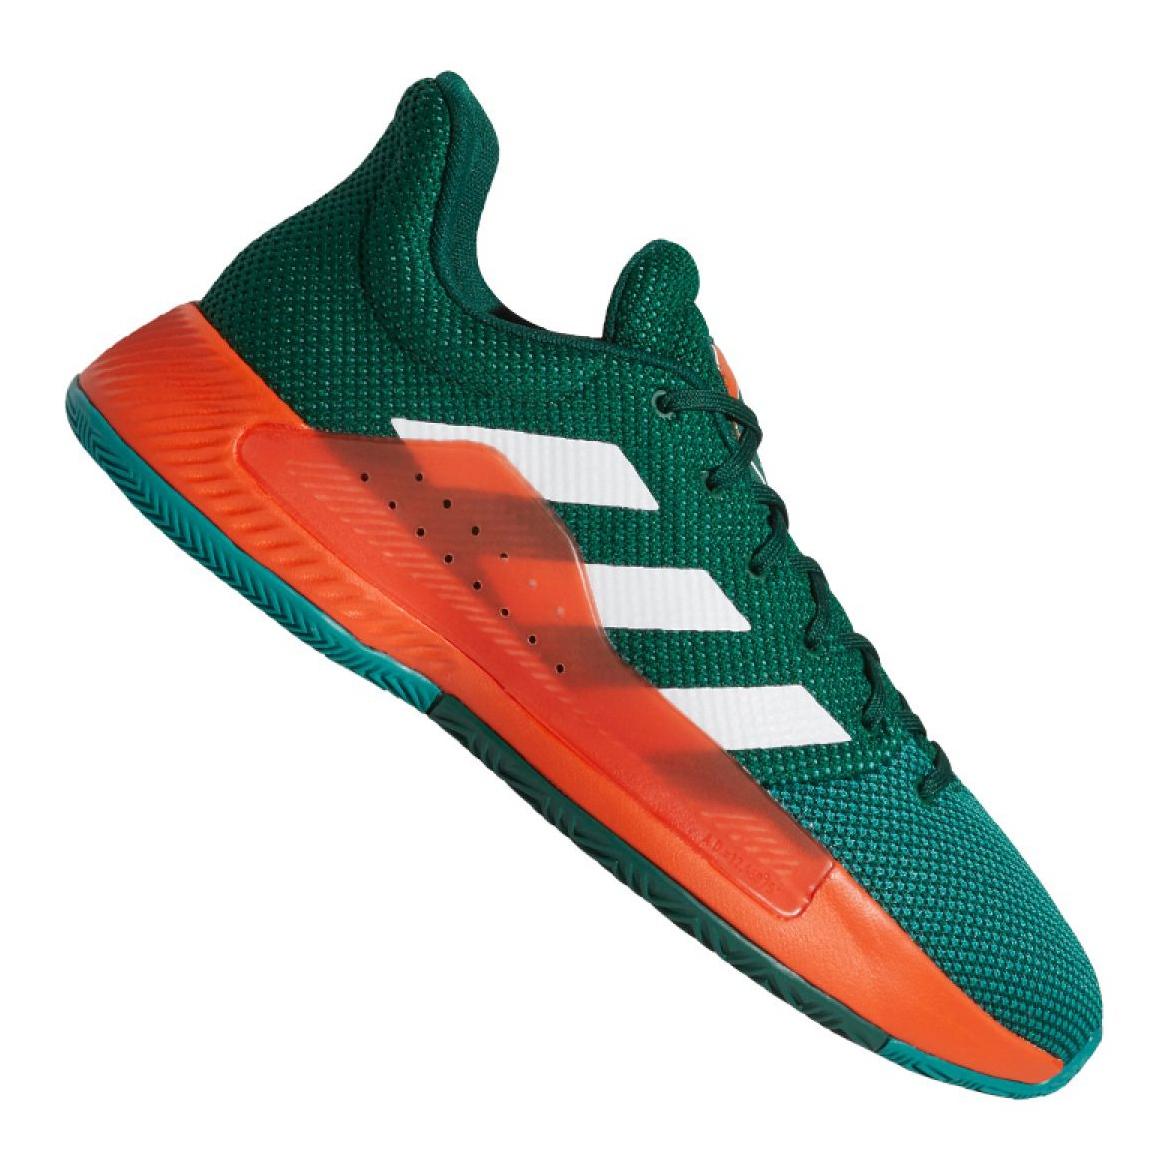 Détails sur Chaussures de basket adidas Pro Bounce Madness Low 2019 M BB9226 vert vert